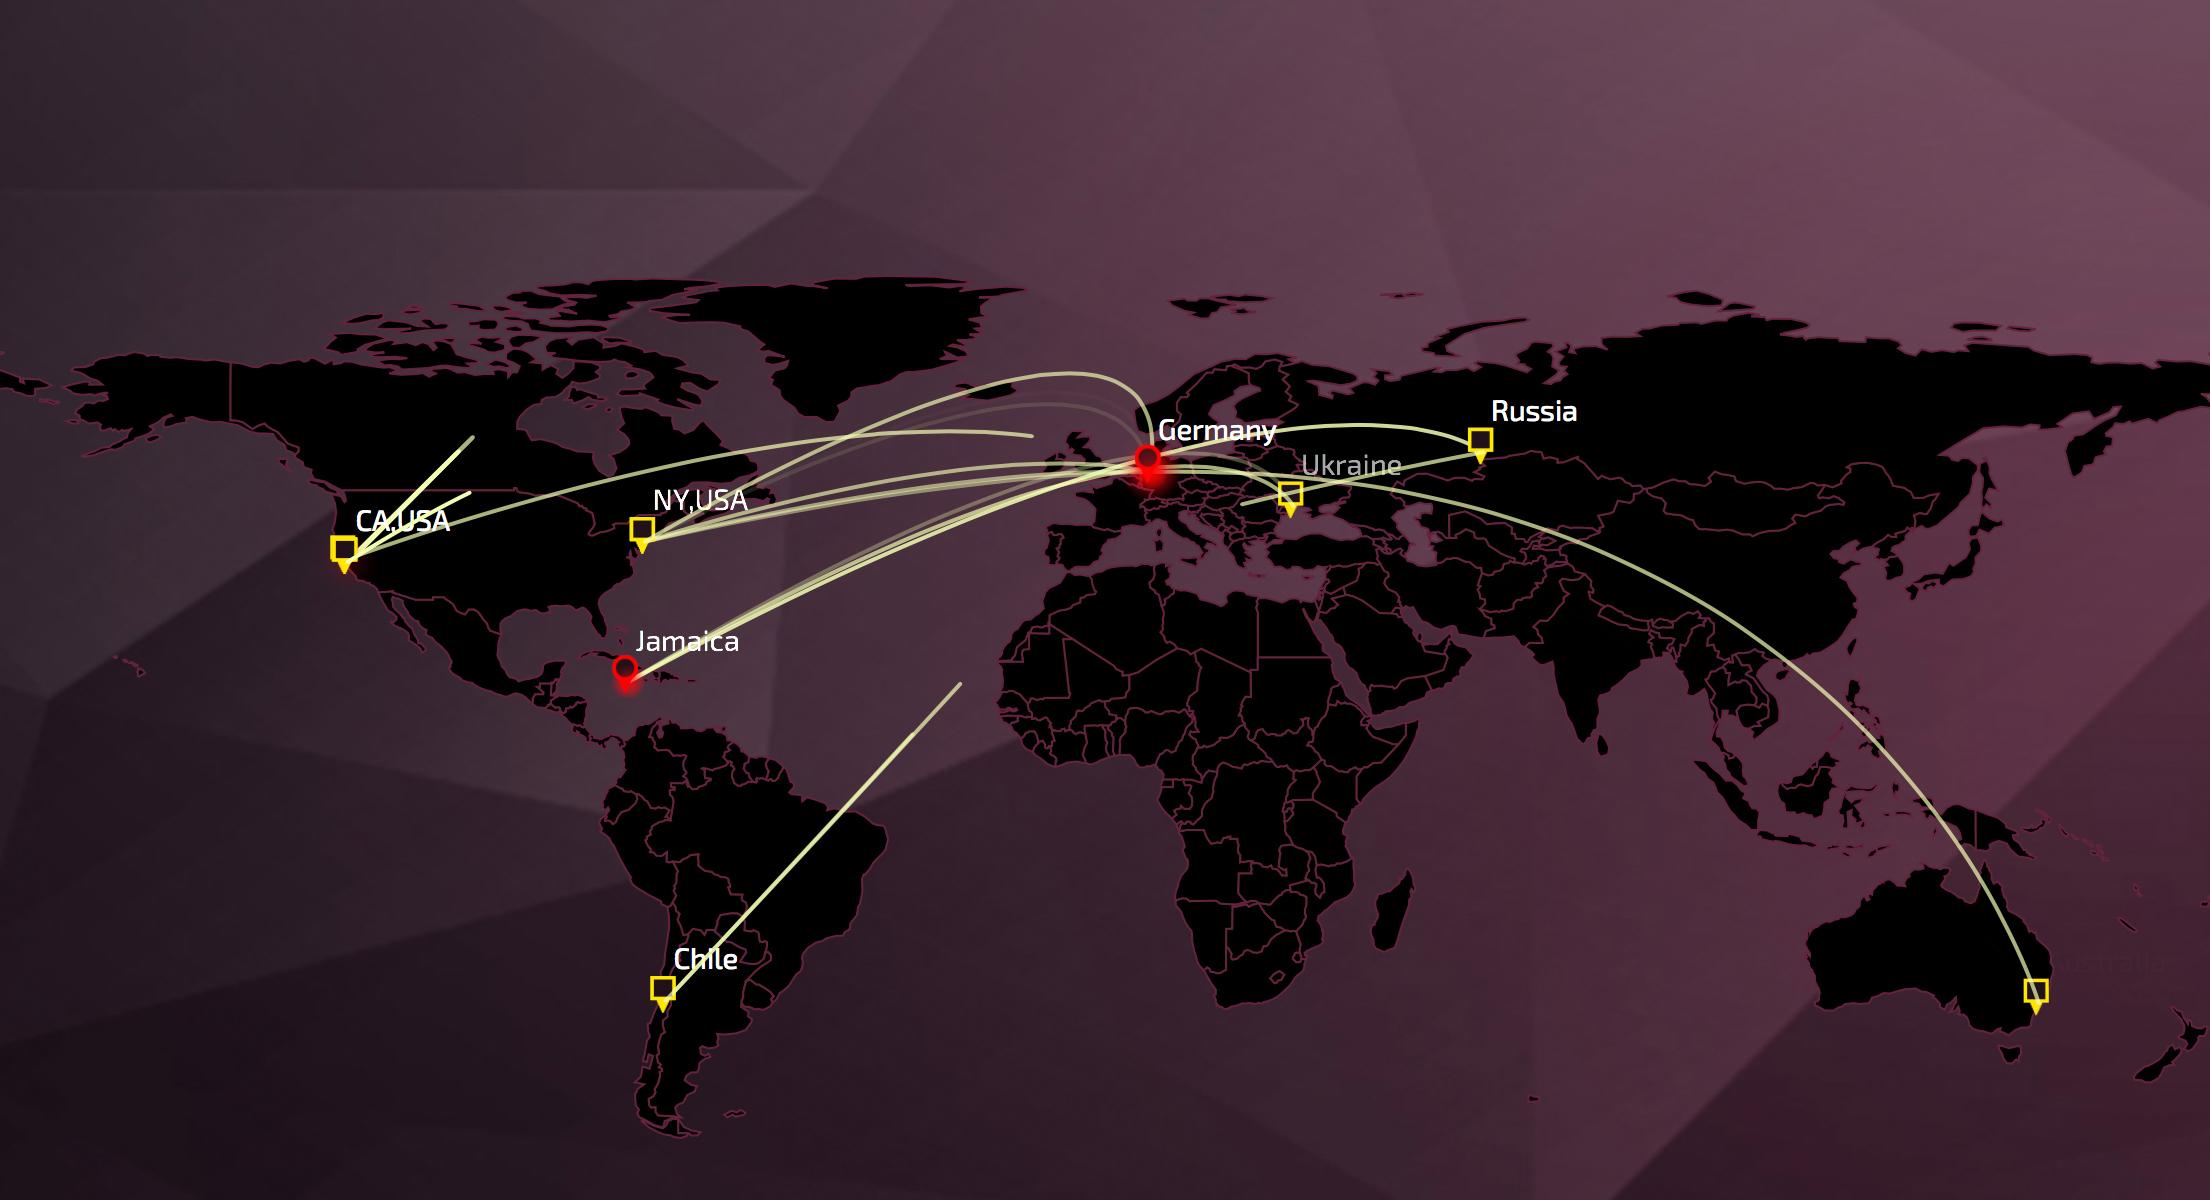 Ponad 40 mln ataków dziennie! Chińscy hakerzy celują w Polskę